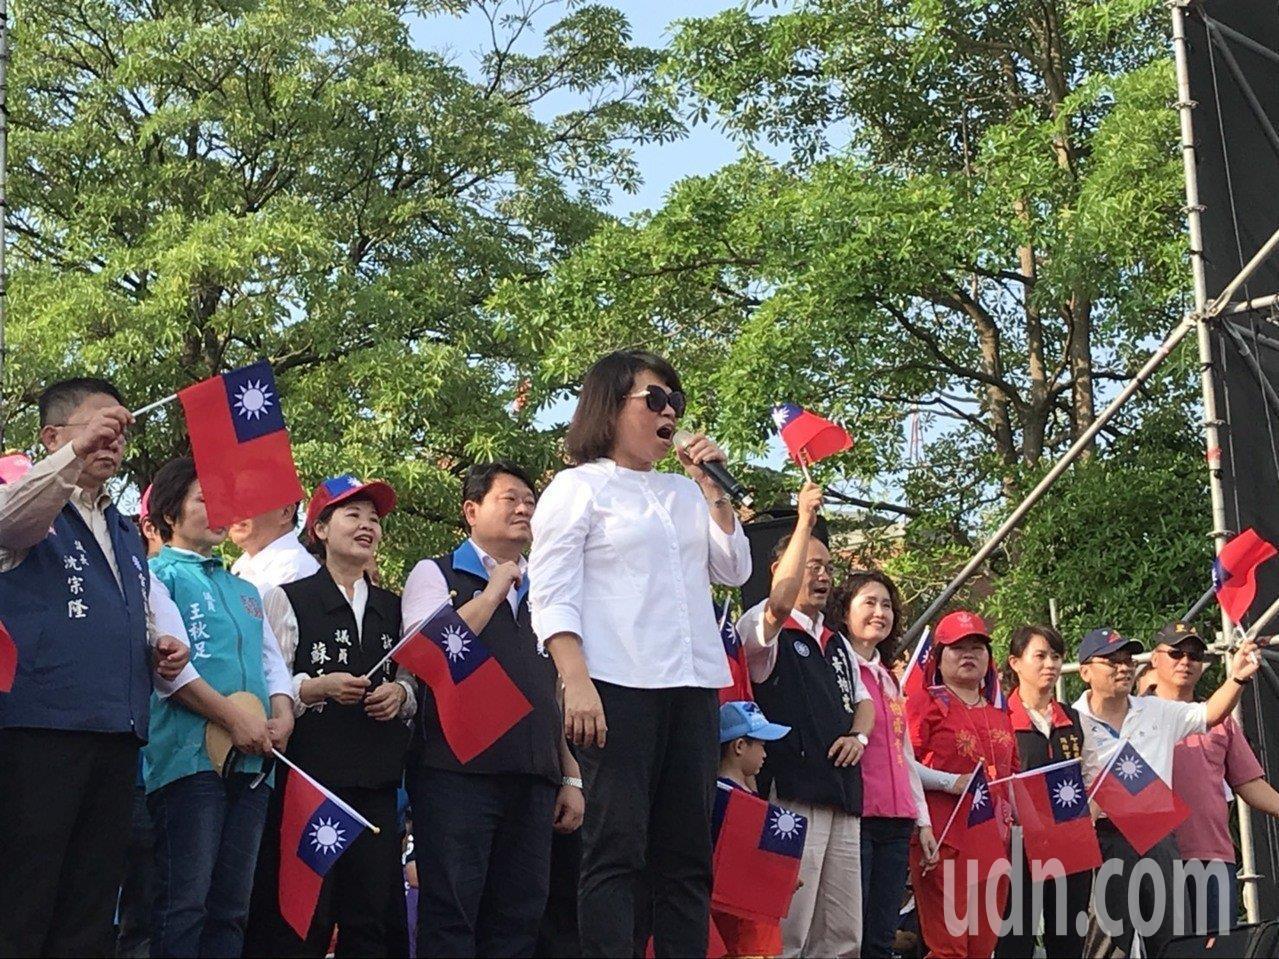 嘉義市長黃敏惠昨天出席挺韓大會。記者姜宜菁/攝影